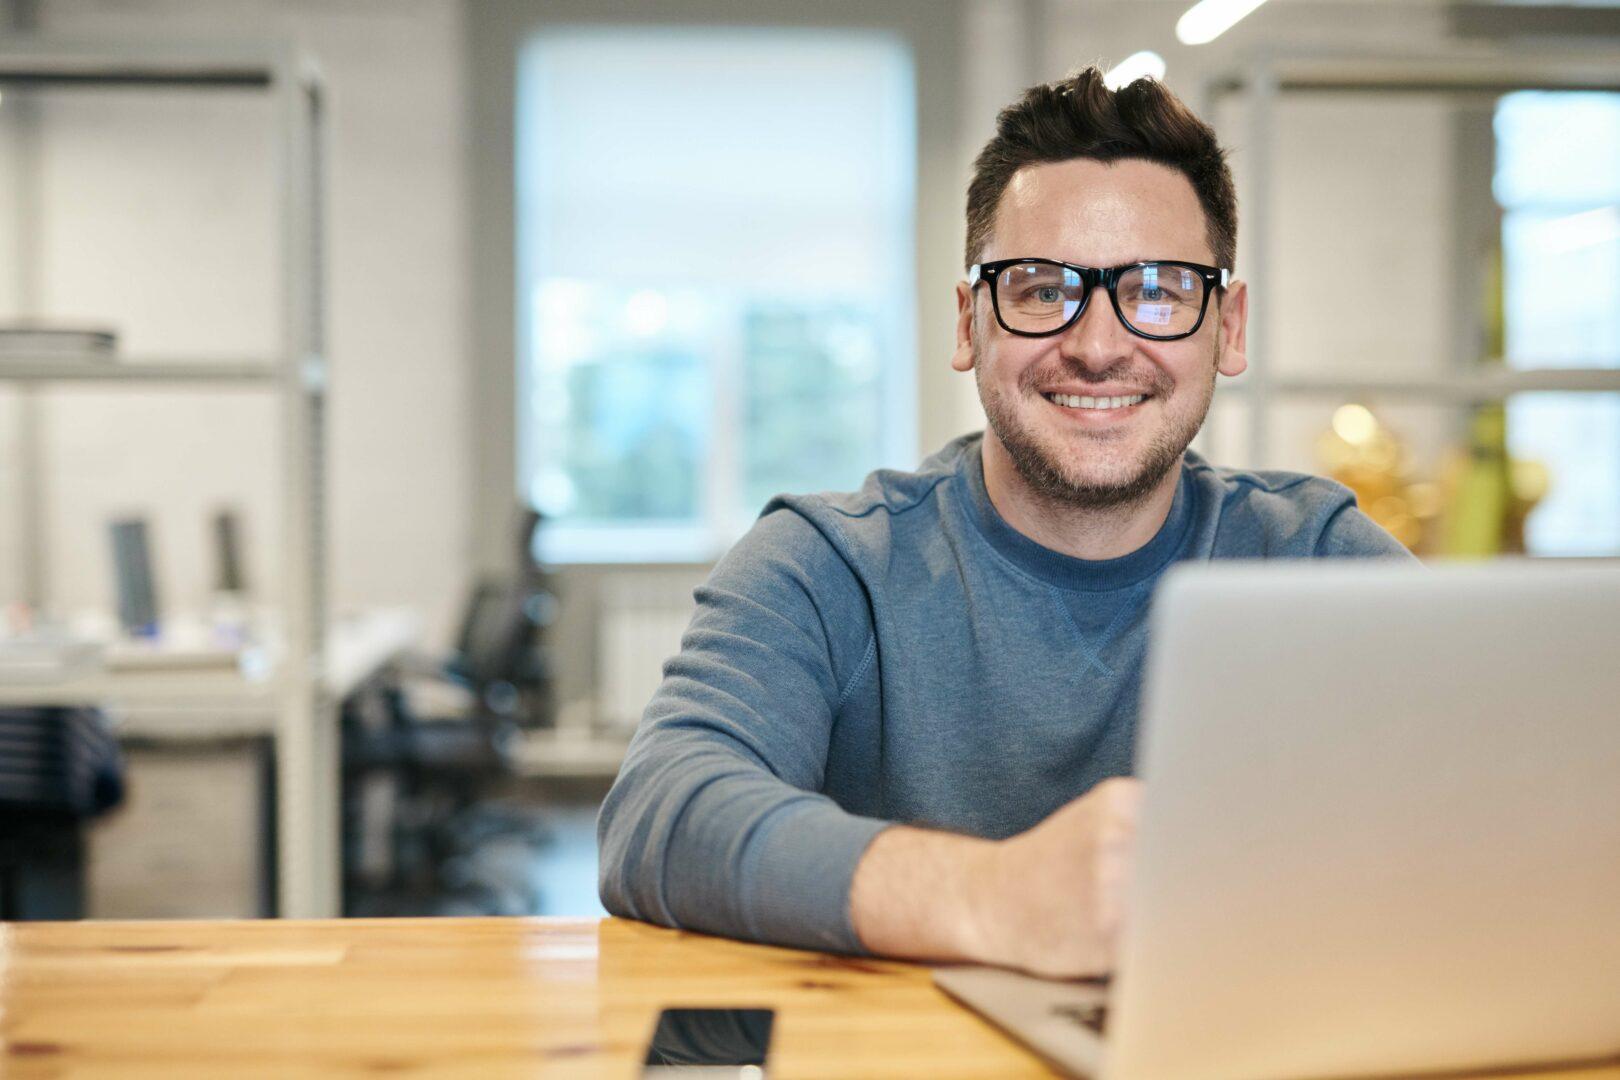 photo-of-man-wearing-eyeglasses-3184611 (1)